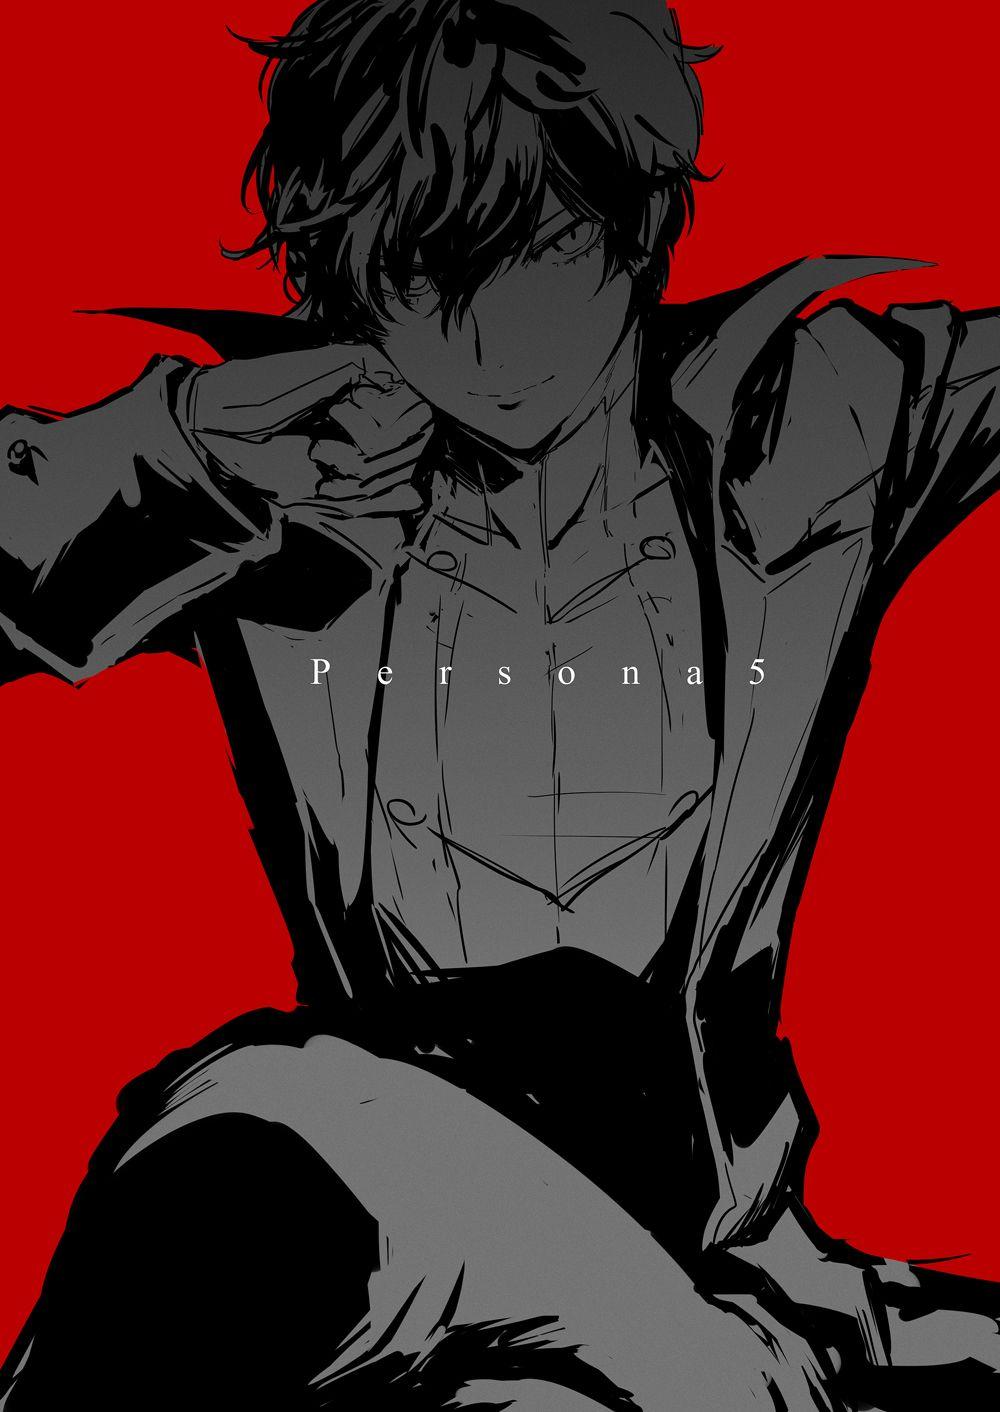 ペルソナ5 ぺごろぐ02 芳崎のイラスト in 2020 Persona 5, Persona 5